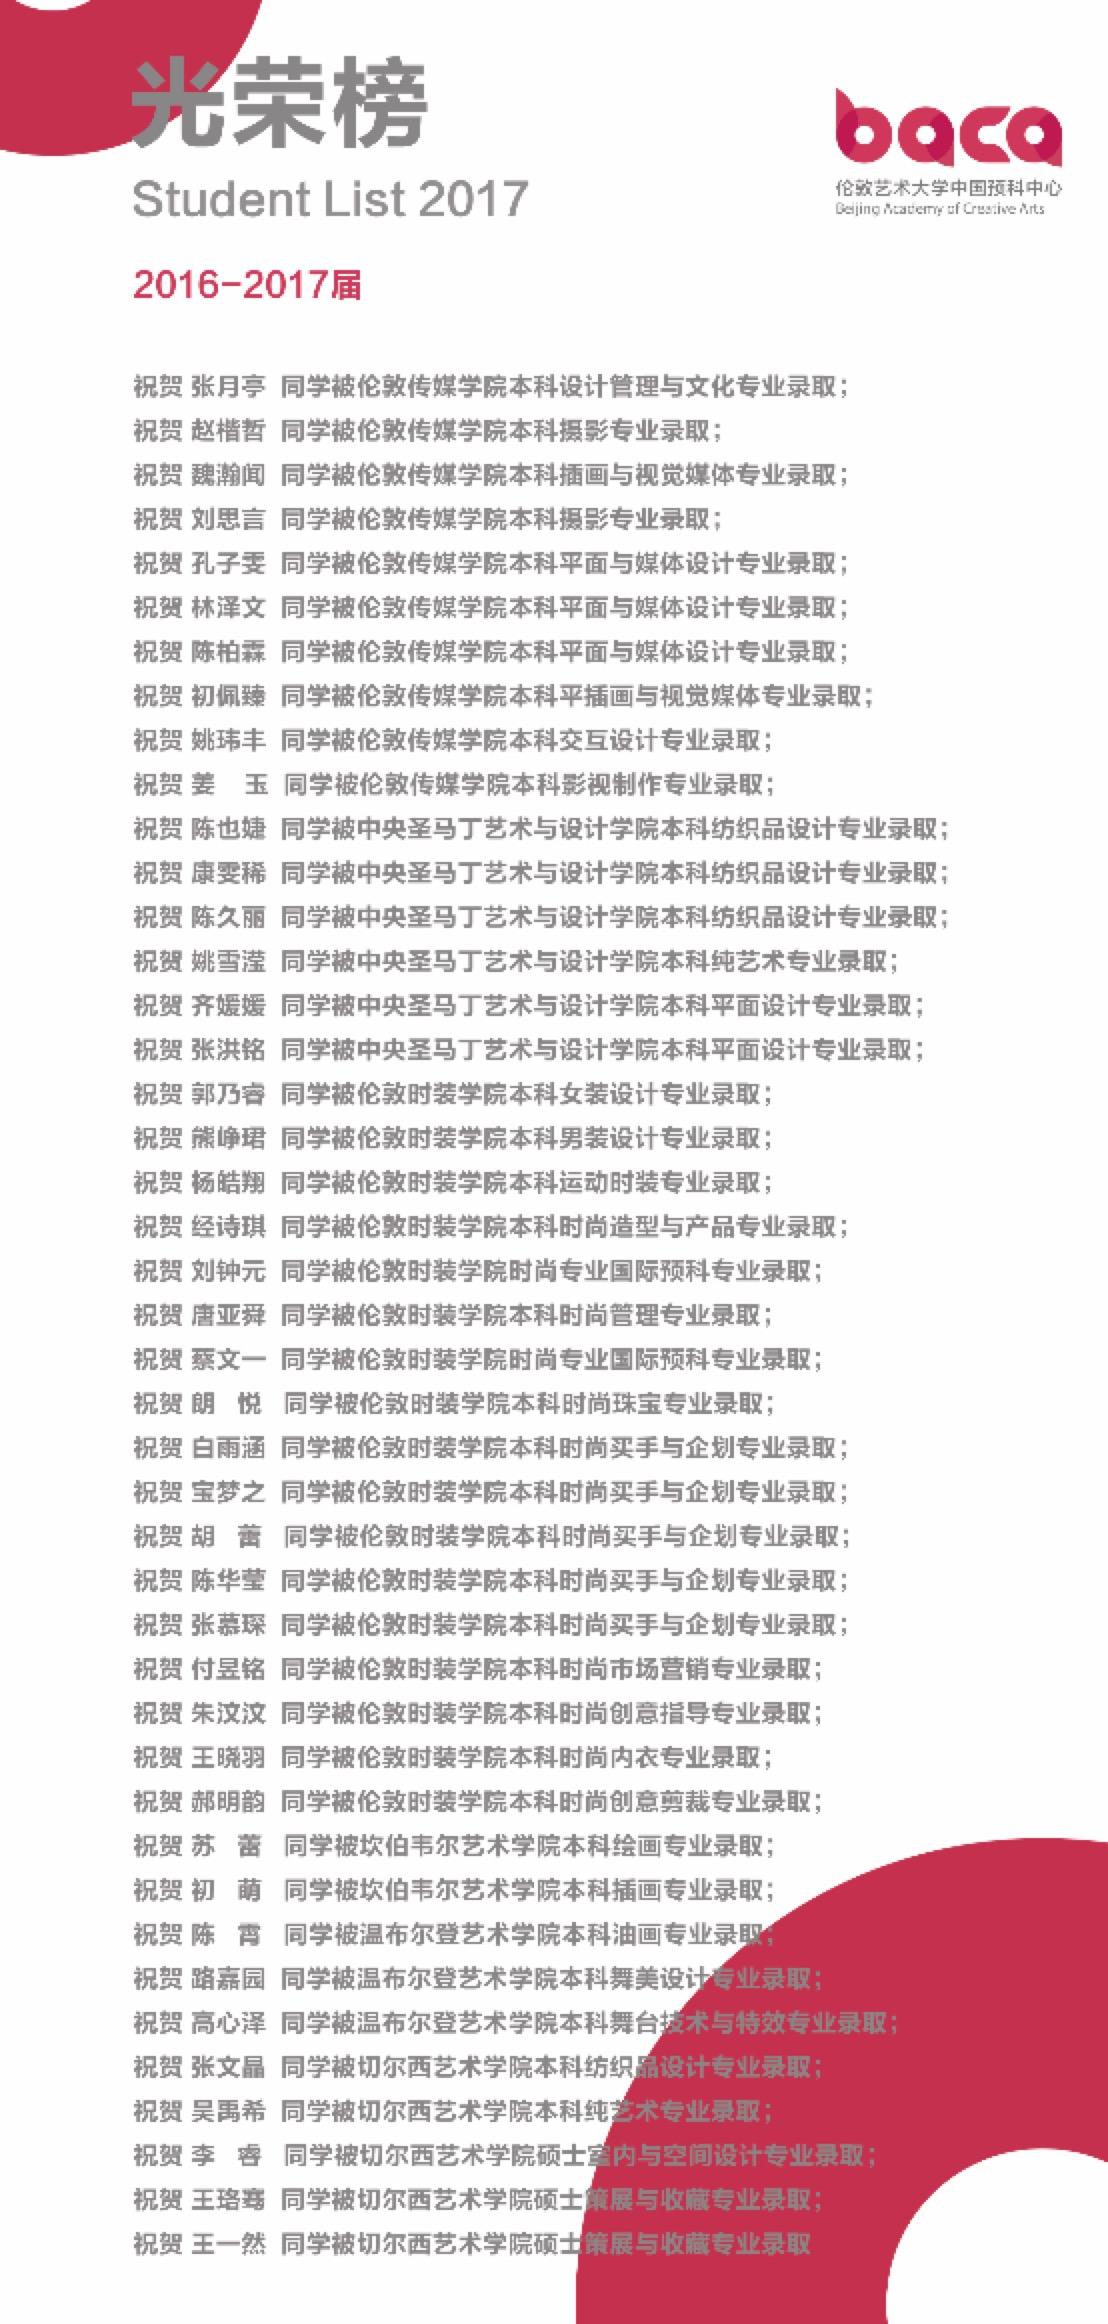 2016-2017BACA毕业生光荣榜